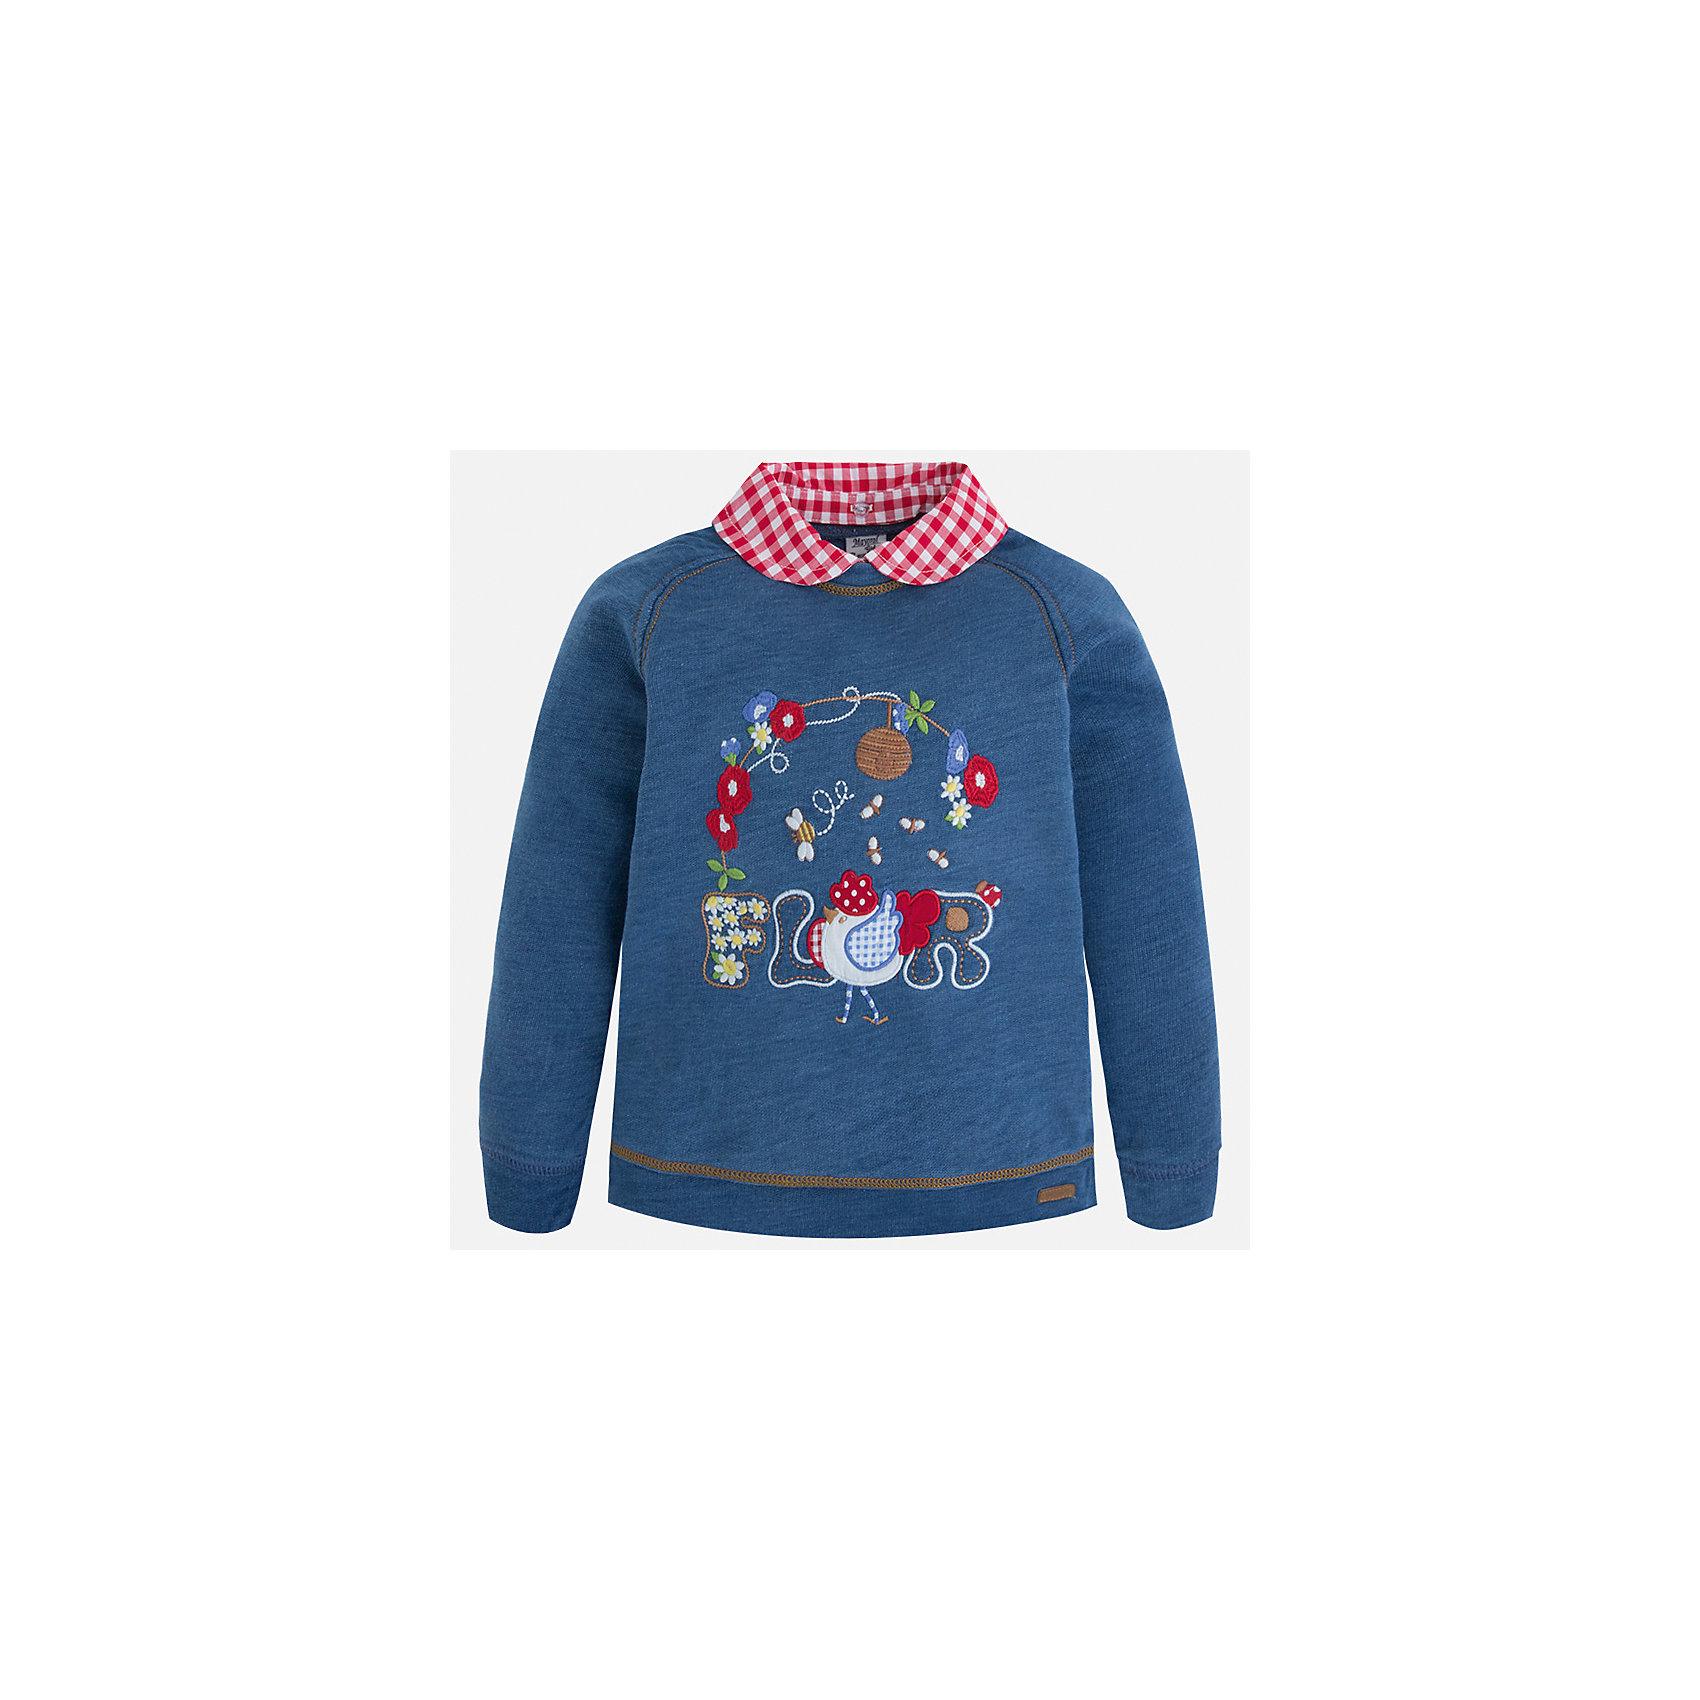 Толстовка для девочки MayoralТолстовки<br>Характеристики товара:<br><br>• цвет: синий<br>• состав: 100% хлопок<br>• комбинированный материал<br>• воротник отложной<br>• с длинными рукавами <br>• имитация двухслойности<br>• страна бренда: Испания<br><br>Удобный и красивый свитер для девочки поможет разнообразить гардероб ребенка и украсить наряд. Он отлично сочетается и с юбками, и с брюками. Универсальный цвет позволяет подобрать к вещи низ различных расцветок. Интересная отделка модели делает её нарядной и оригинальной. В составе материала - натуральный хлопок, гипоаллергенный, приятный на ощупь, дышащий.<br><br>Одежда, обувь и аксессуары от испанского бренда Mayoral полюбились детям и взрослым по всему миру. Модели этой марки - стильные и удобные. Для их производства используются только безопасные, качественные материалы и фурнитура. Порадуйте ребенка модными и красивыми вещами от Mayoral! <br><br>Свитер для девочки от испанского бренда Mayoral (Майорал) можно купить в нашем интернет-магазине.<br><br>Ширина мм: 190<br>Глубина мм: 74<br>Высота мм: 229<br>Вес г: 236<br>Цвет: голубой<br>Возраст от месяцев: 18<br>Возраст до месяцев: 24<br>Пол: Женский<br>Возраст: Детский<br>Размер: 92,116,98,104,110<br>SKU: 5290005